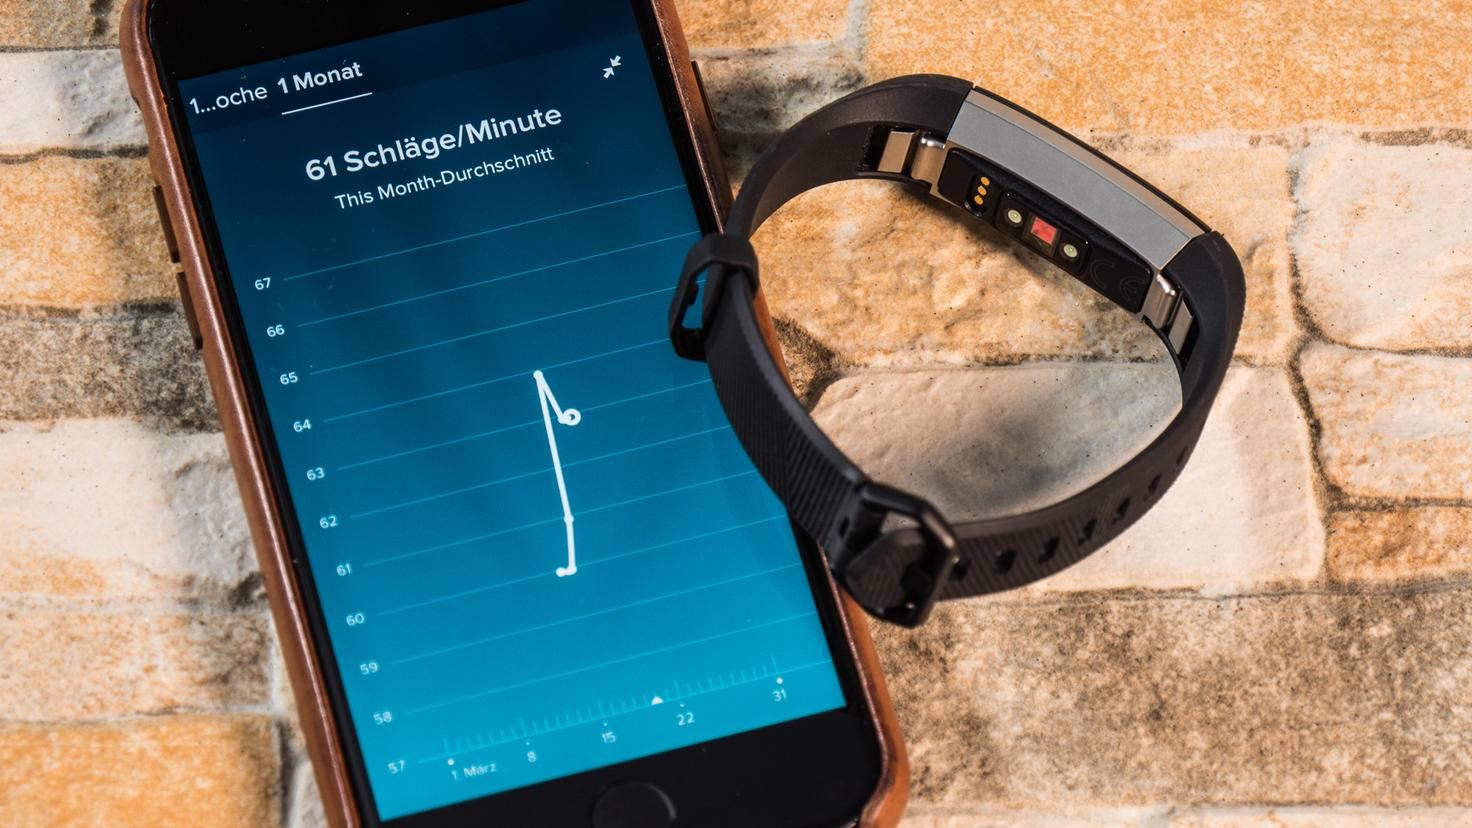 Die Fitbit-App zeigt Dir detailliert an, wie sich Dein Puls in aktiven Momenten oder Ruhephasen verhält.